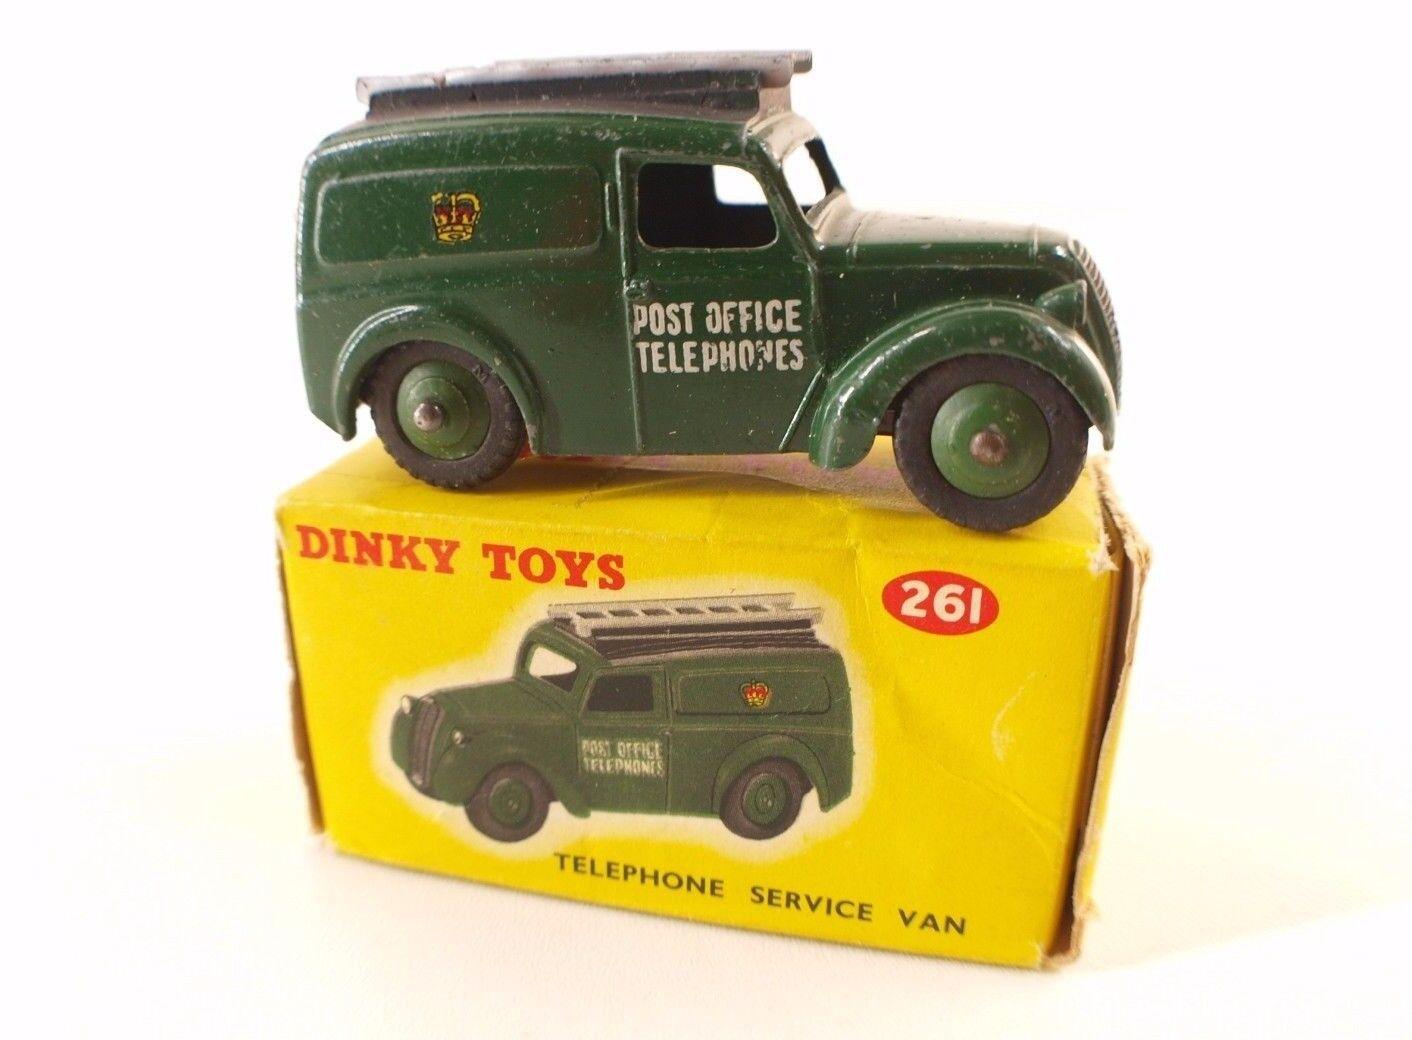 Dinky Toys GB N º 261 Teléfono Estación de Van Post Office